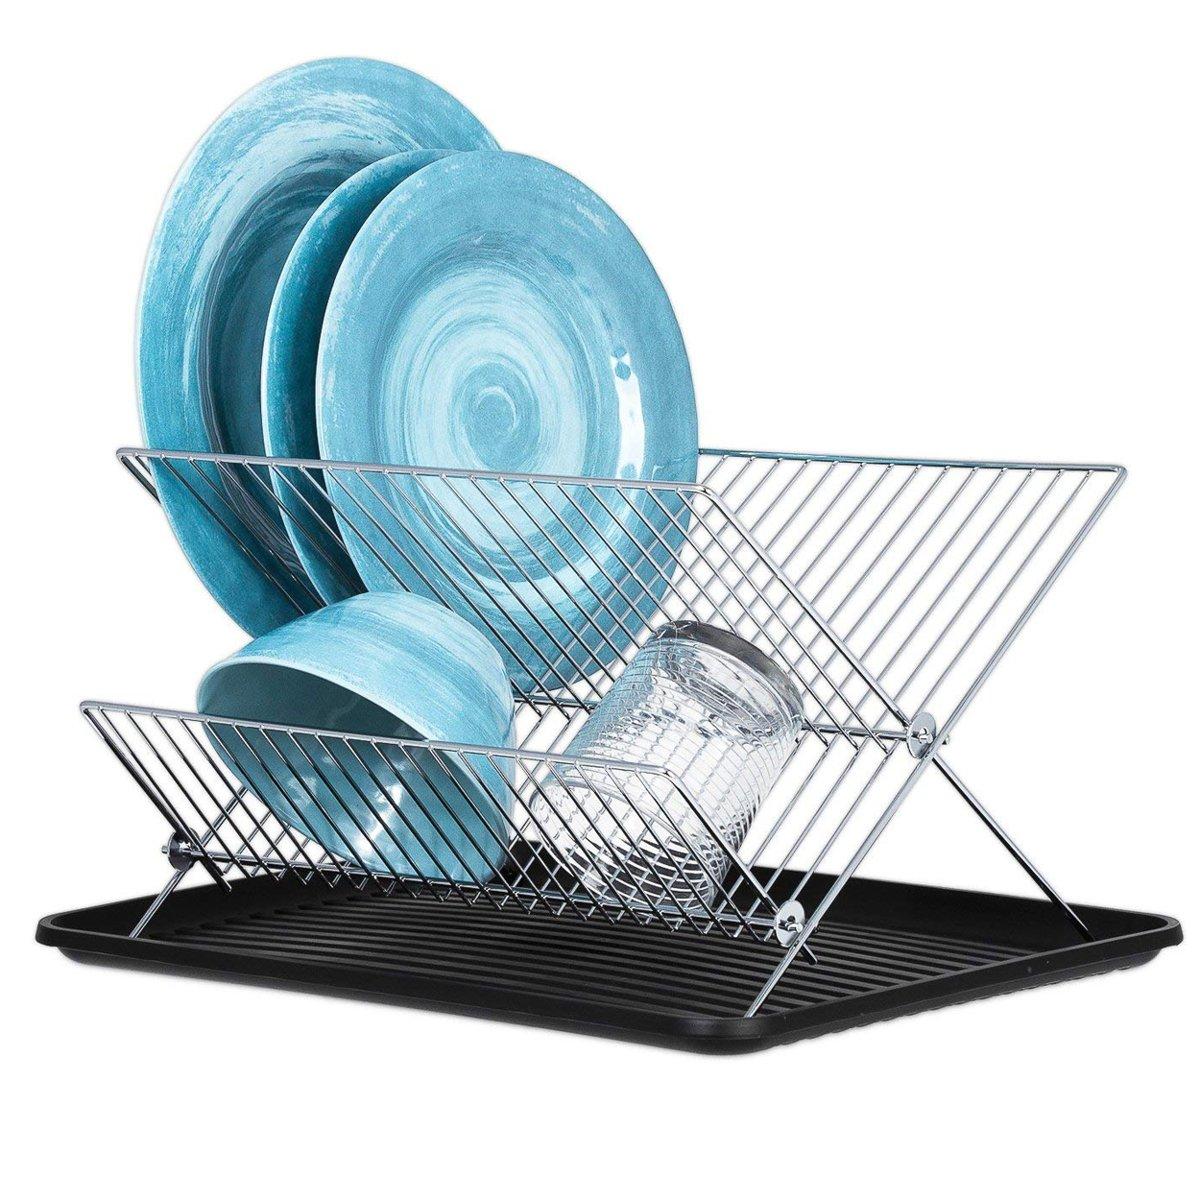 KitchenBrothers Inklapbaar Afdruiprek met Lekbak - RVS Afwasrek - Twee Laags Vaatwasrek - Keukenrek - Metaal - Chrome kopen